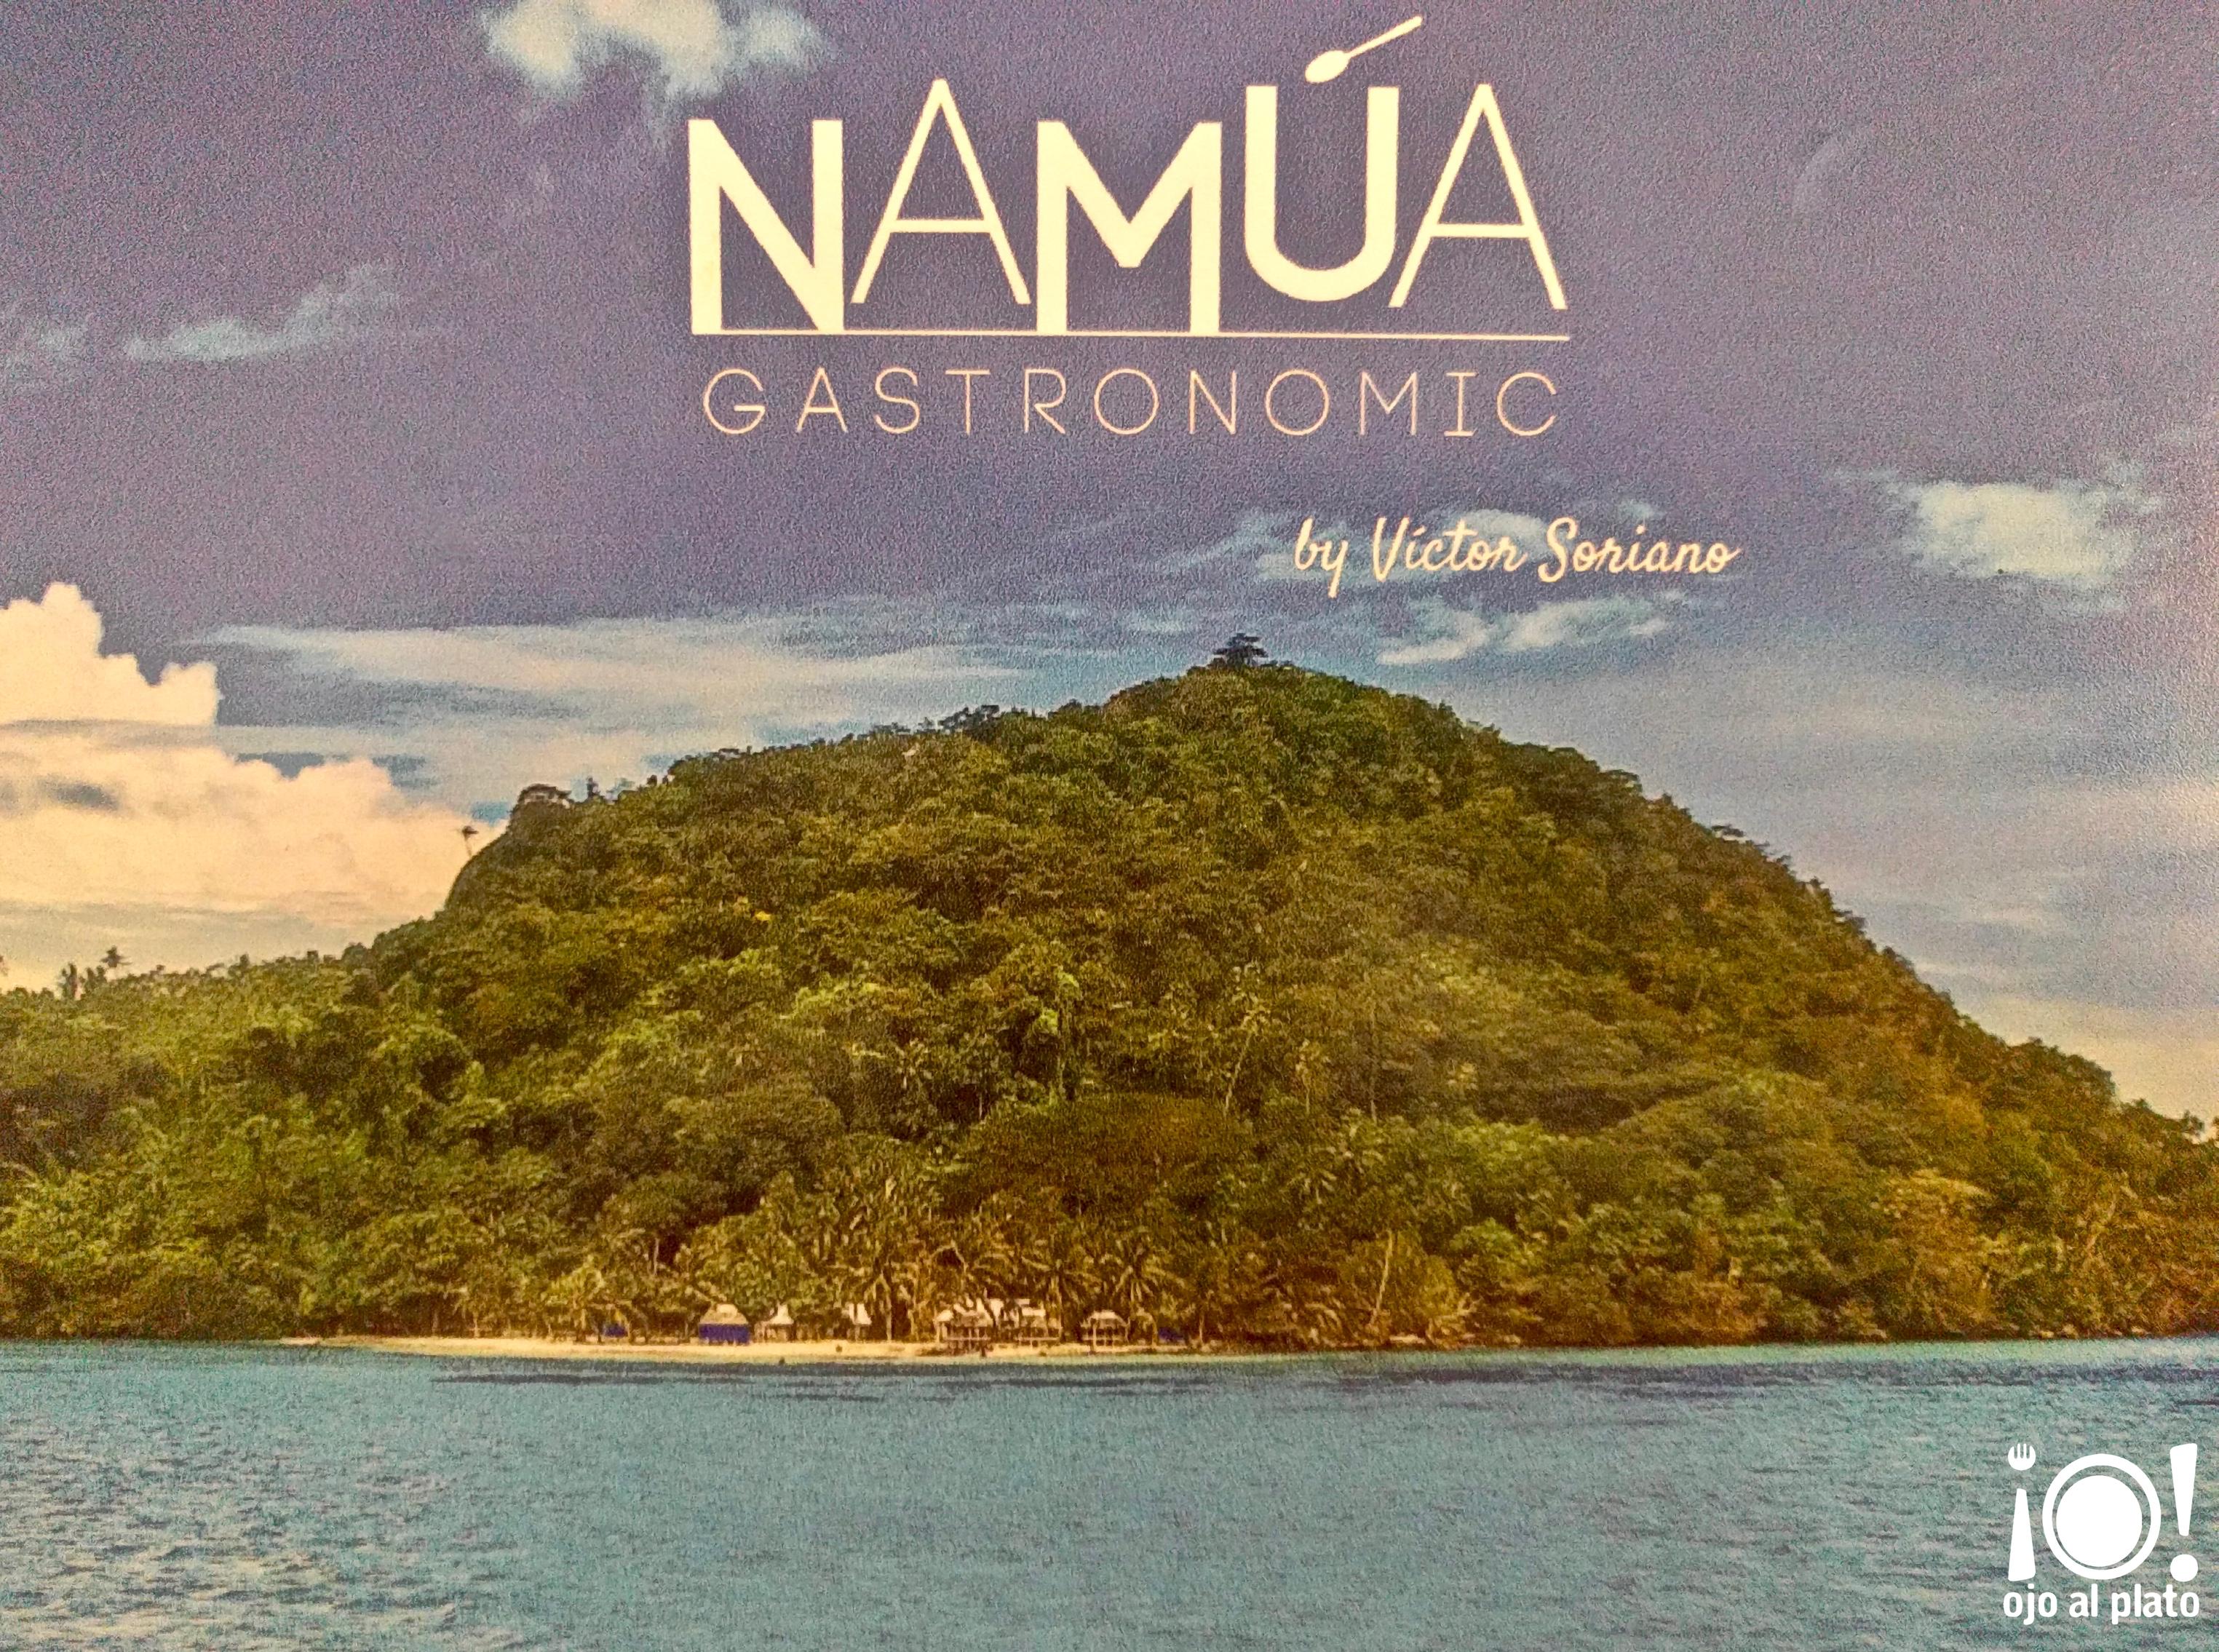 00_namua_namua